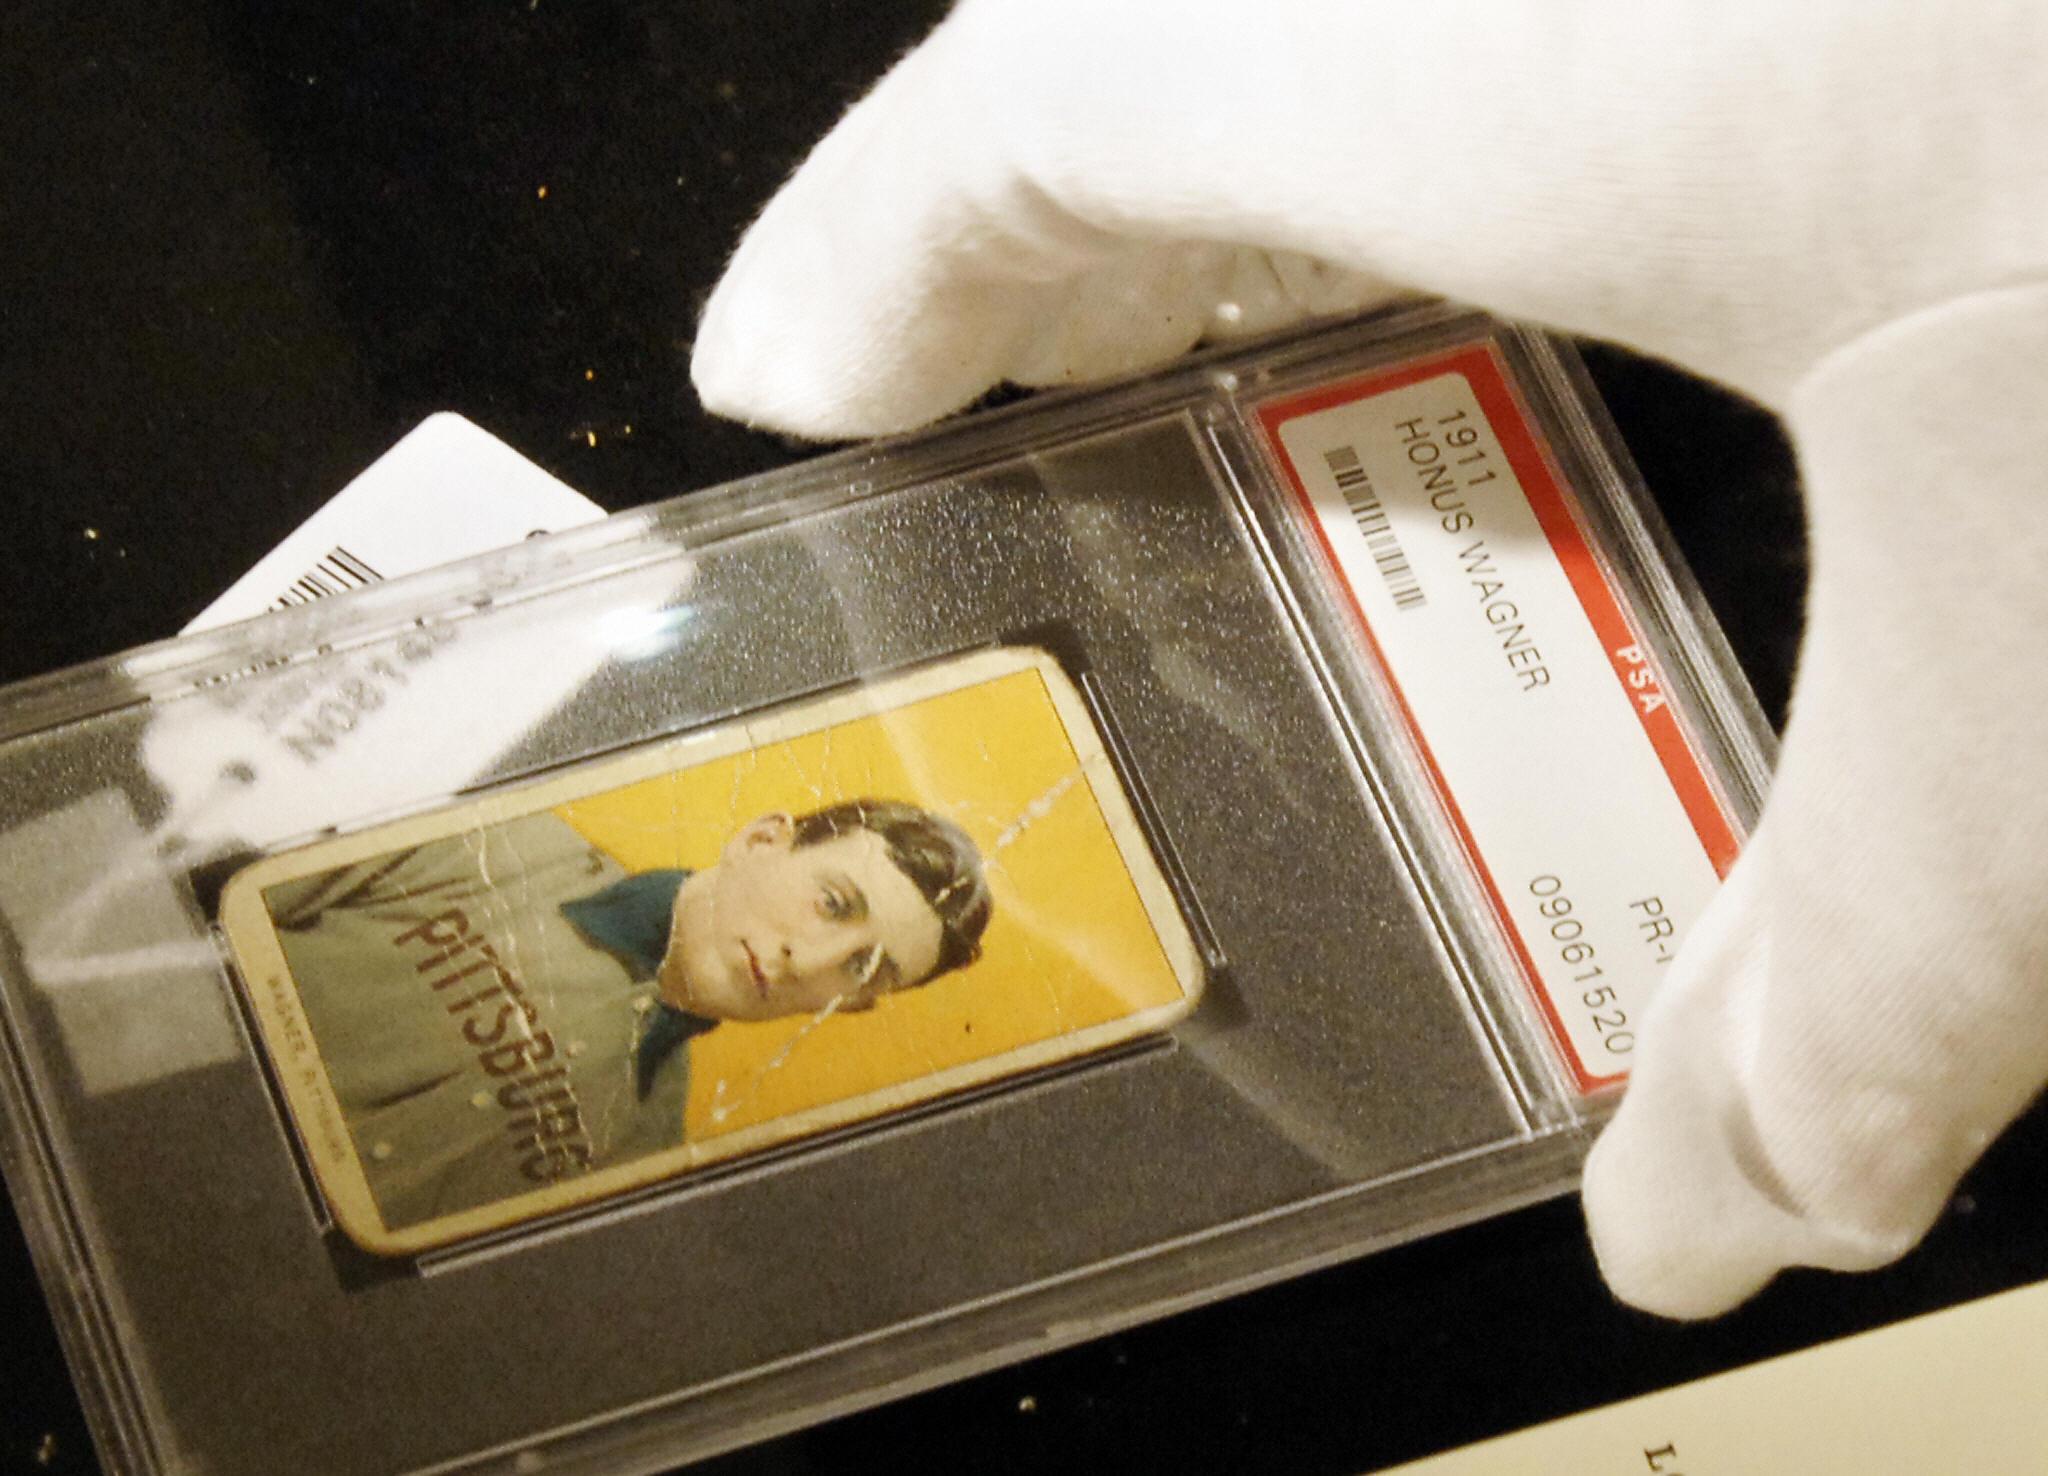 A rare baseball card of Honus Wagner of